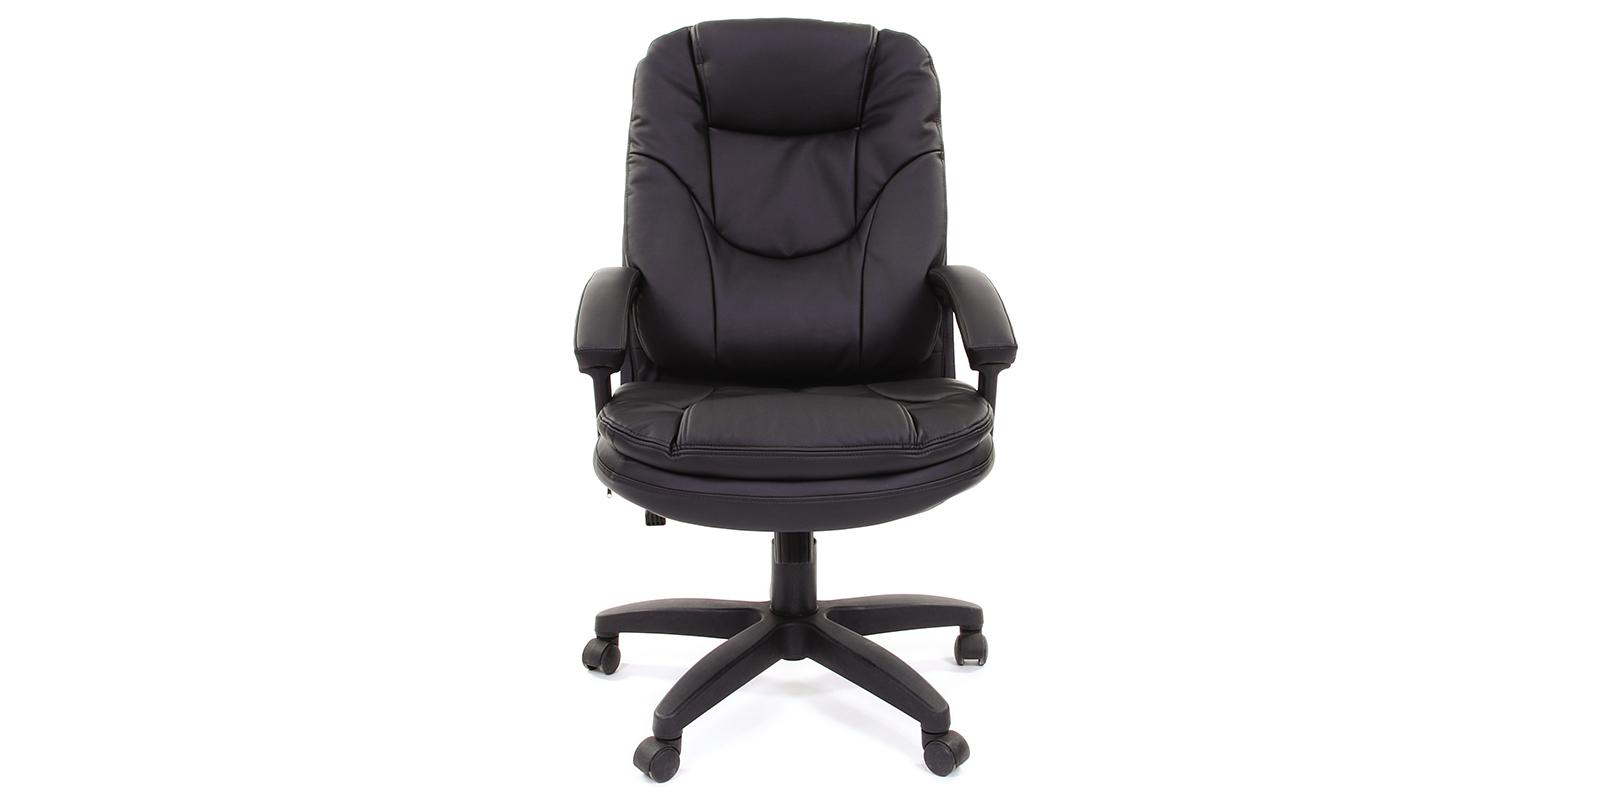 Chairman 668 LT вариант №2 (черный)